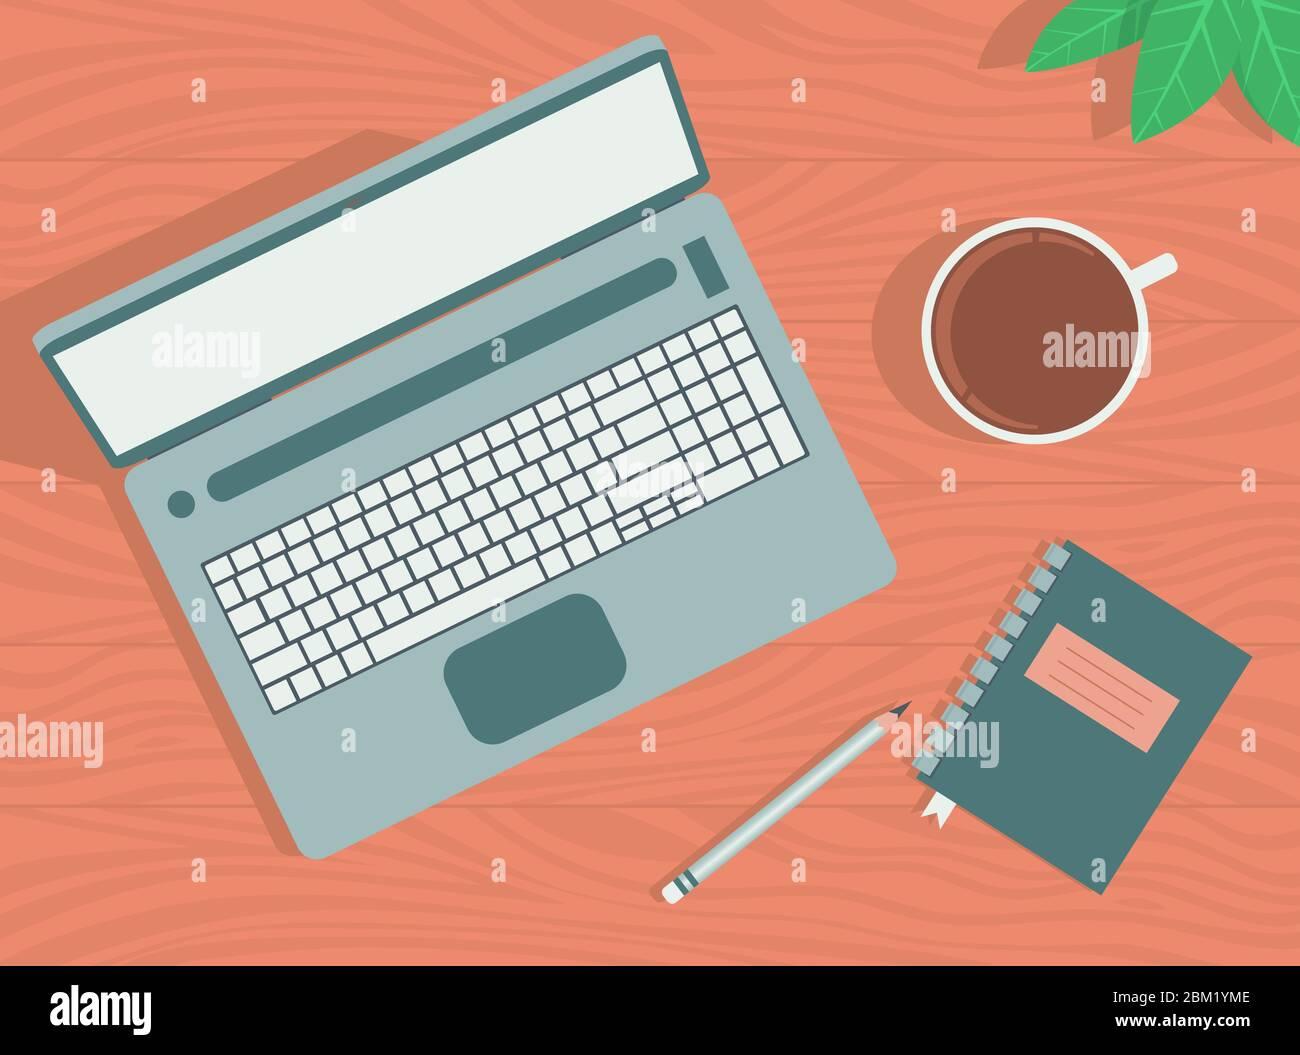 Espace de travail avec ordinateur portable, café, ordinateur portable et crayon. Illustration de Vecteur